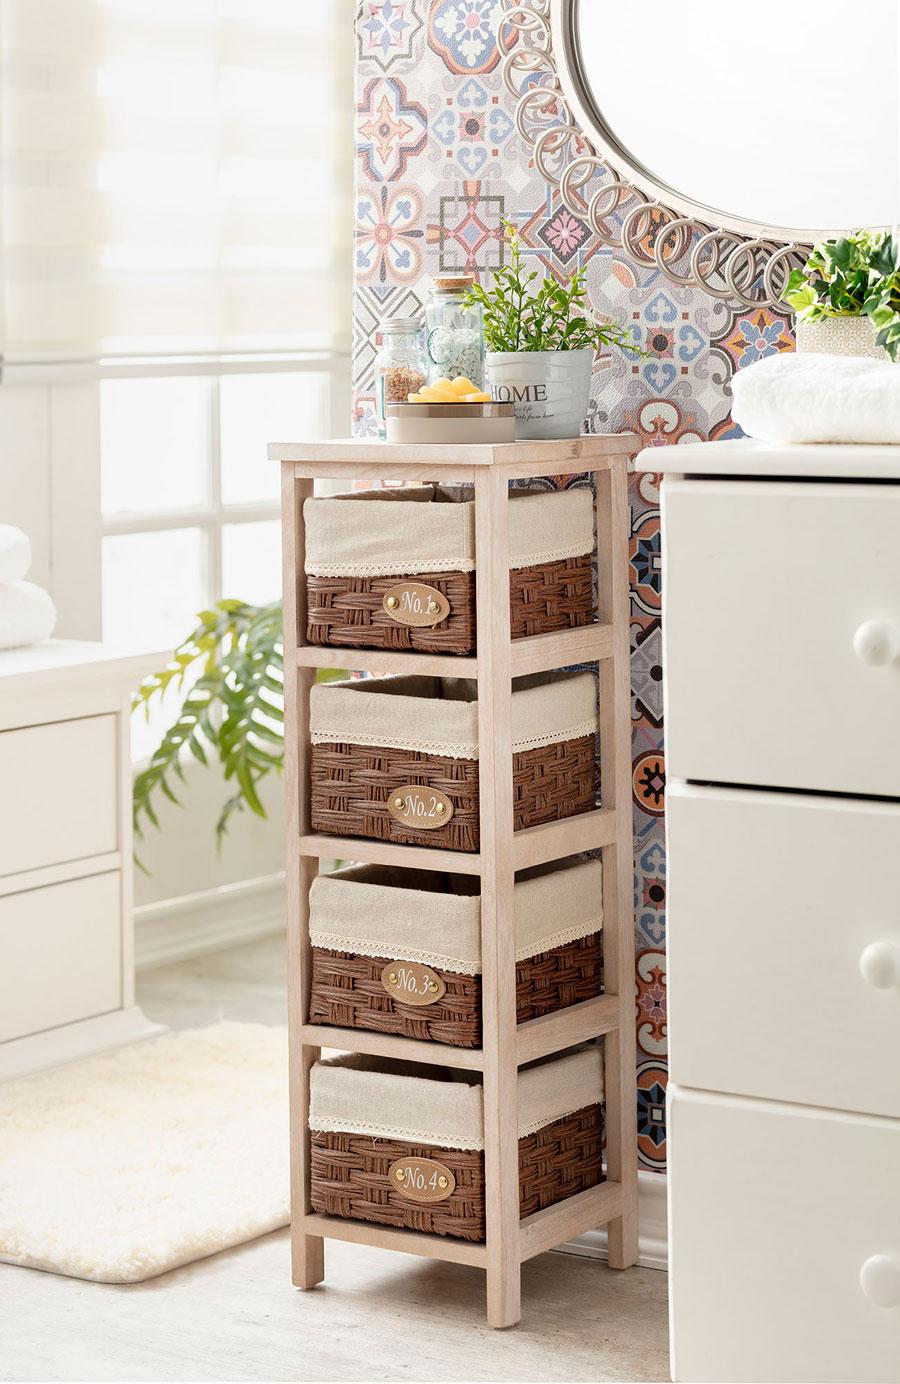 mueble con canastos para organizar el baño